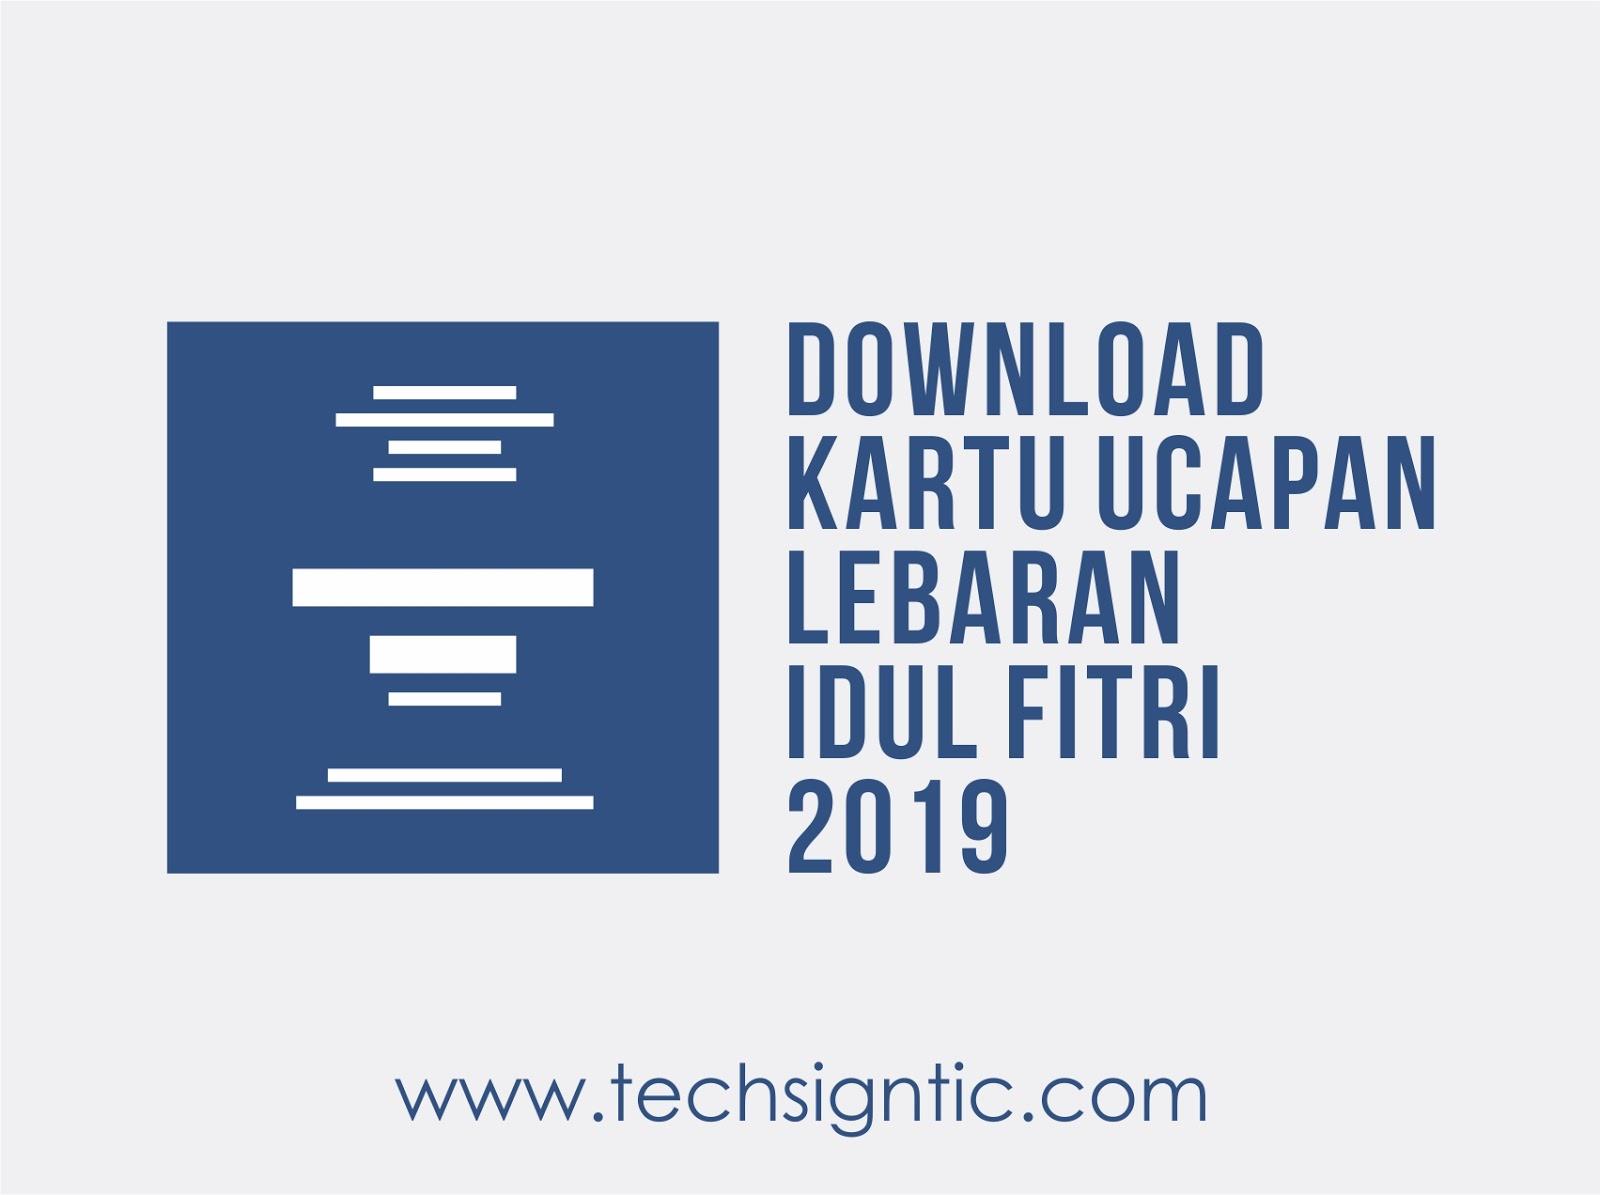 Gratis Download Kartu Ucapan Lebaran Idul Fitri 2019 Techsigntic